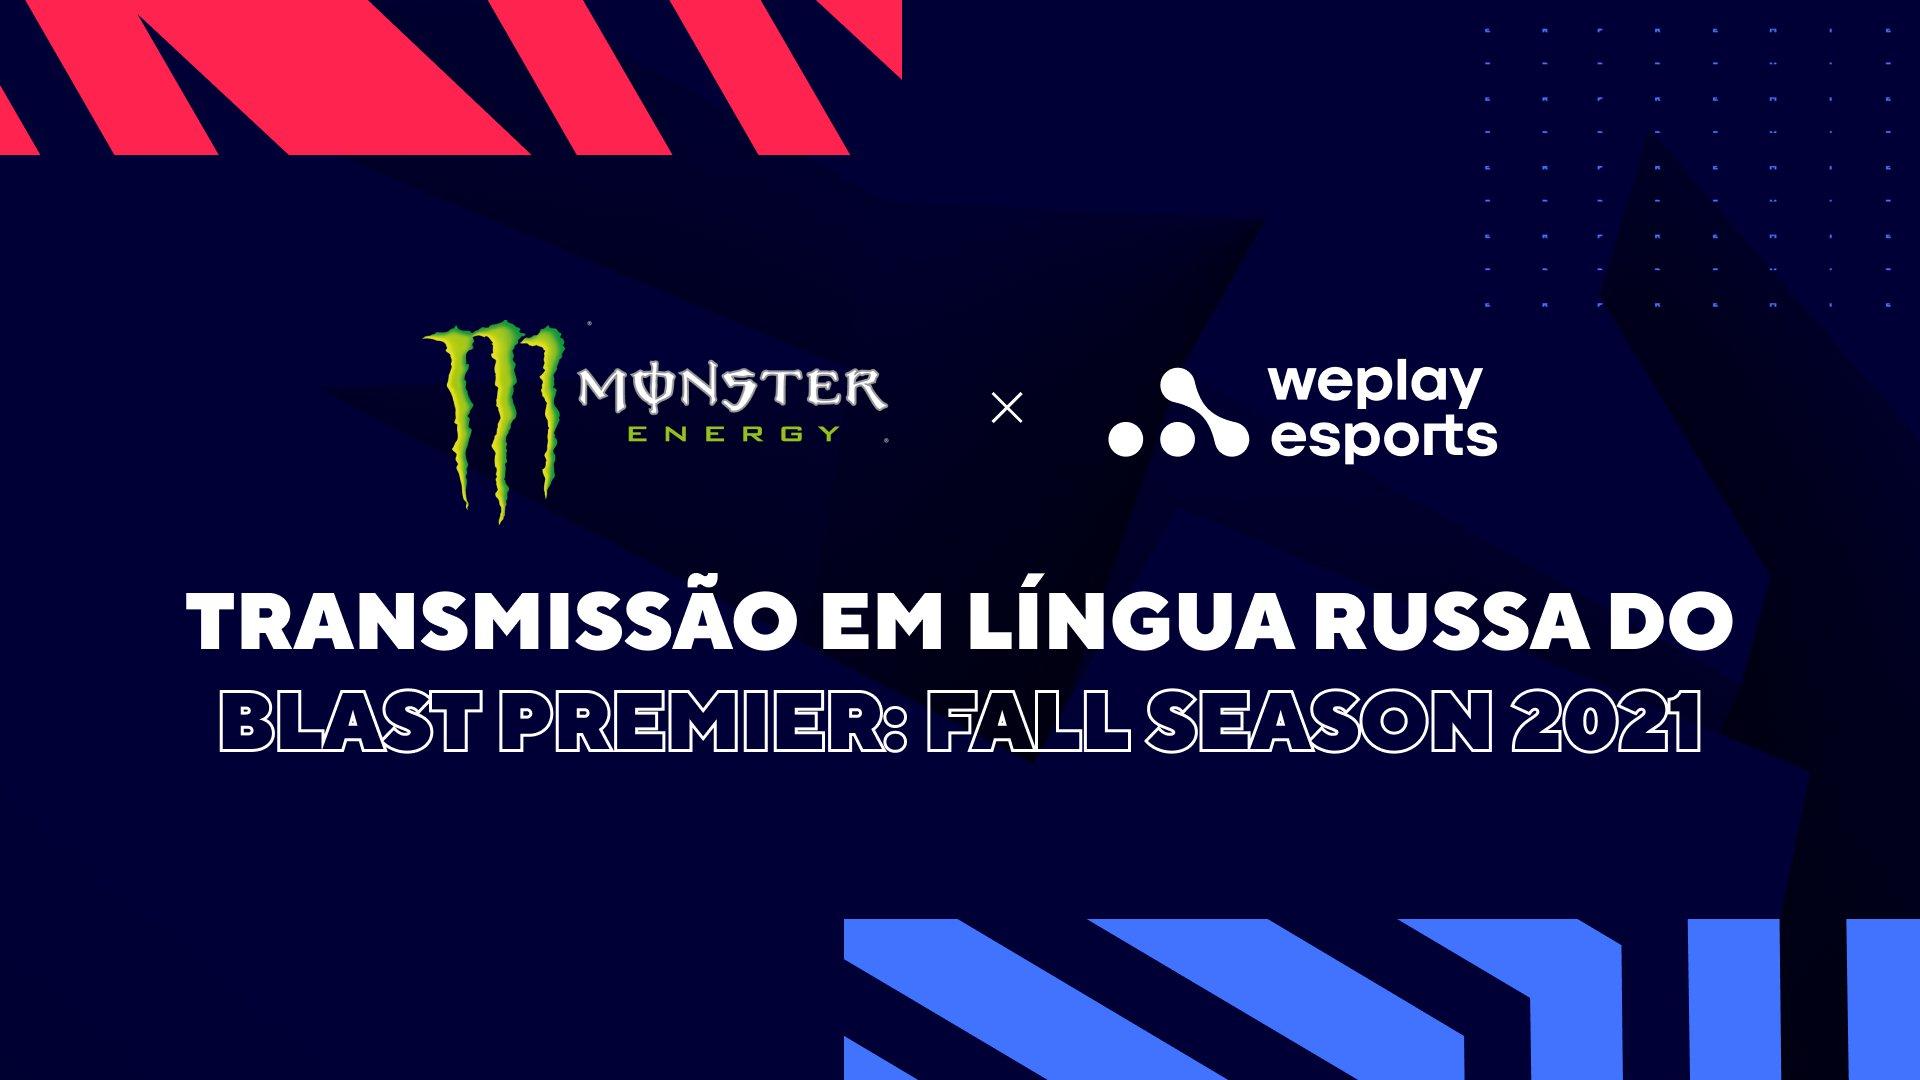 WePlay Holding faz parceria com Monster Energy. Créditos da imagem: WePlay Holding